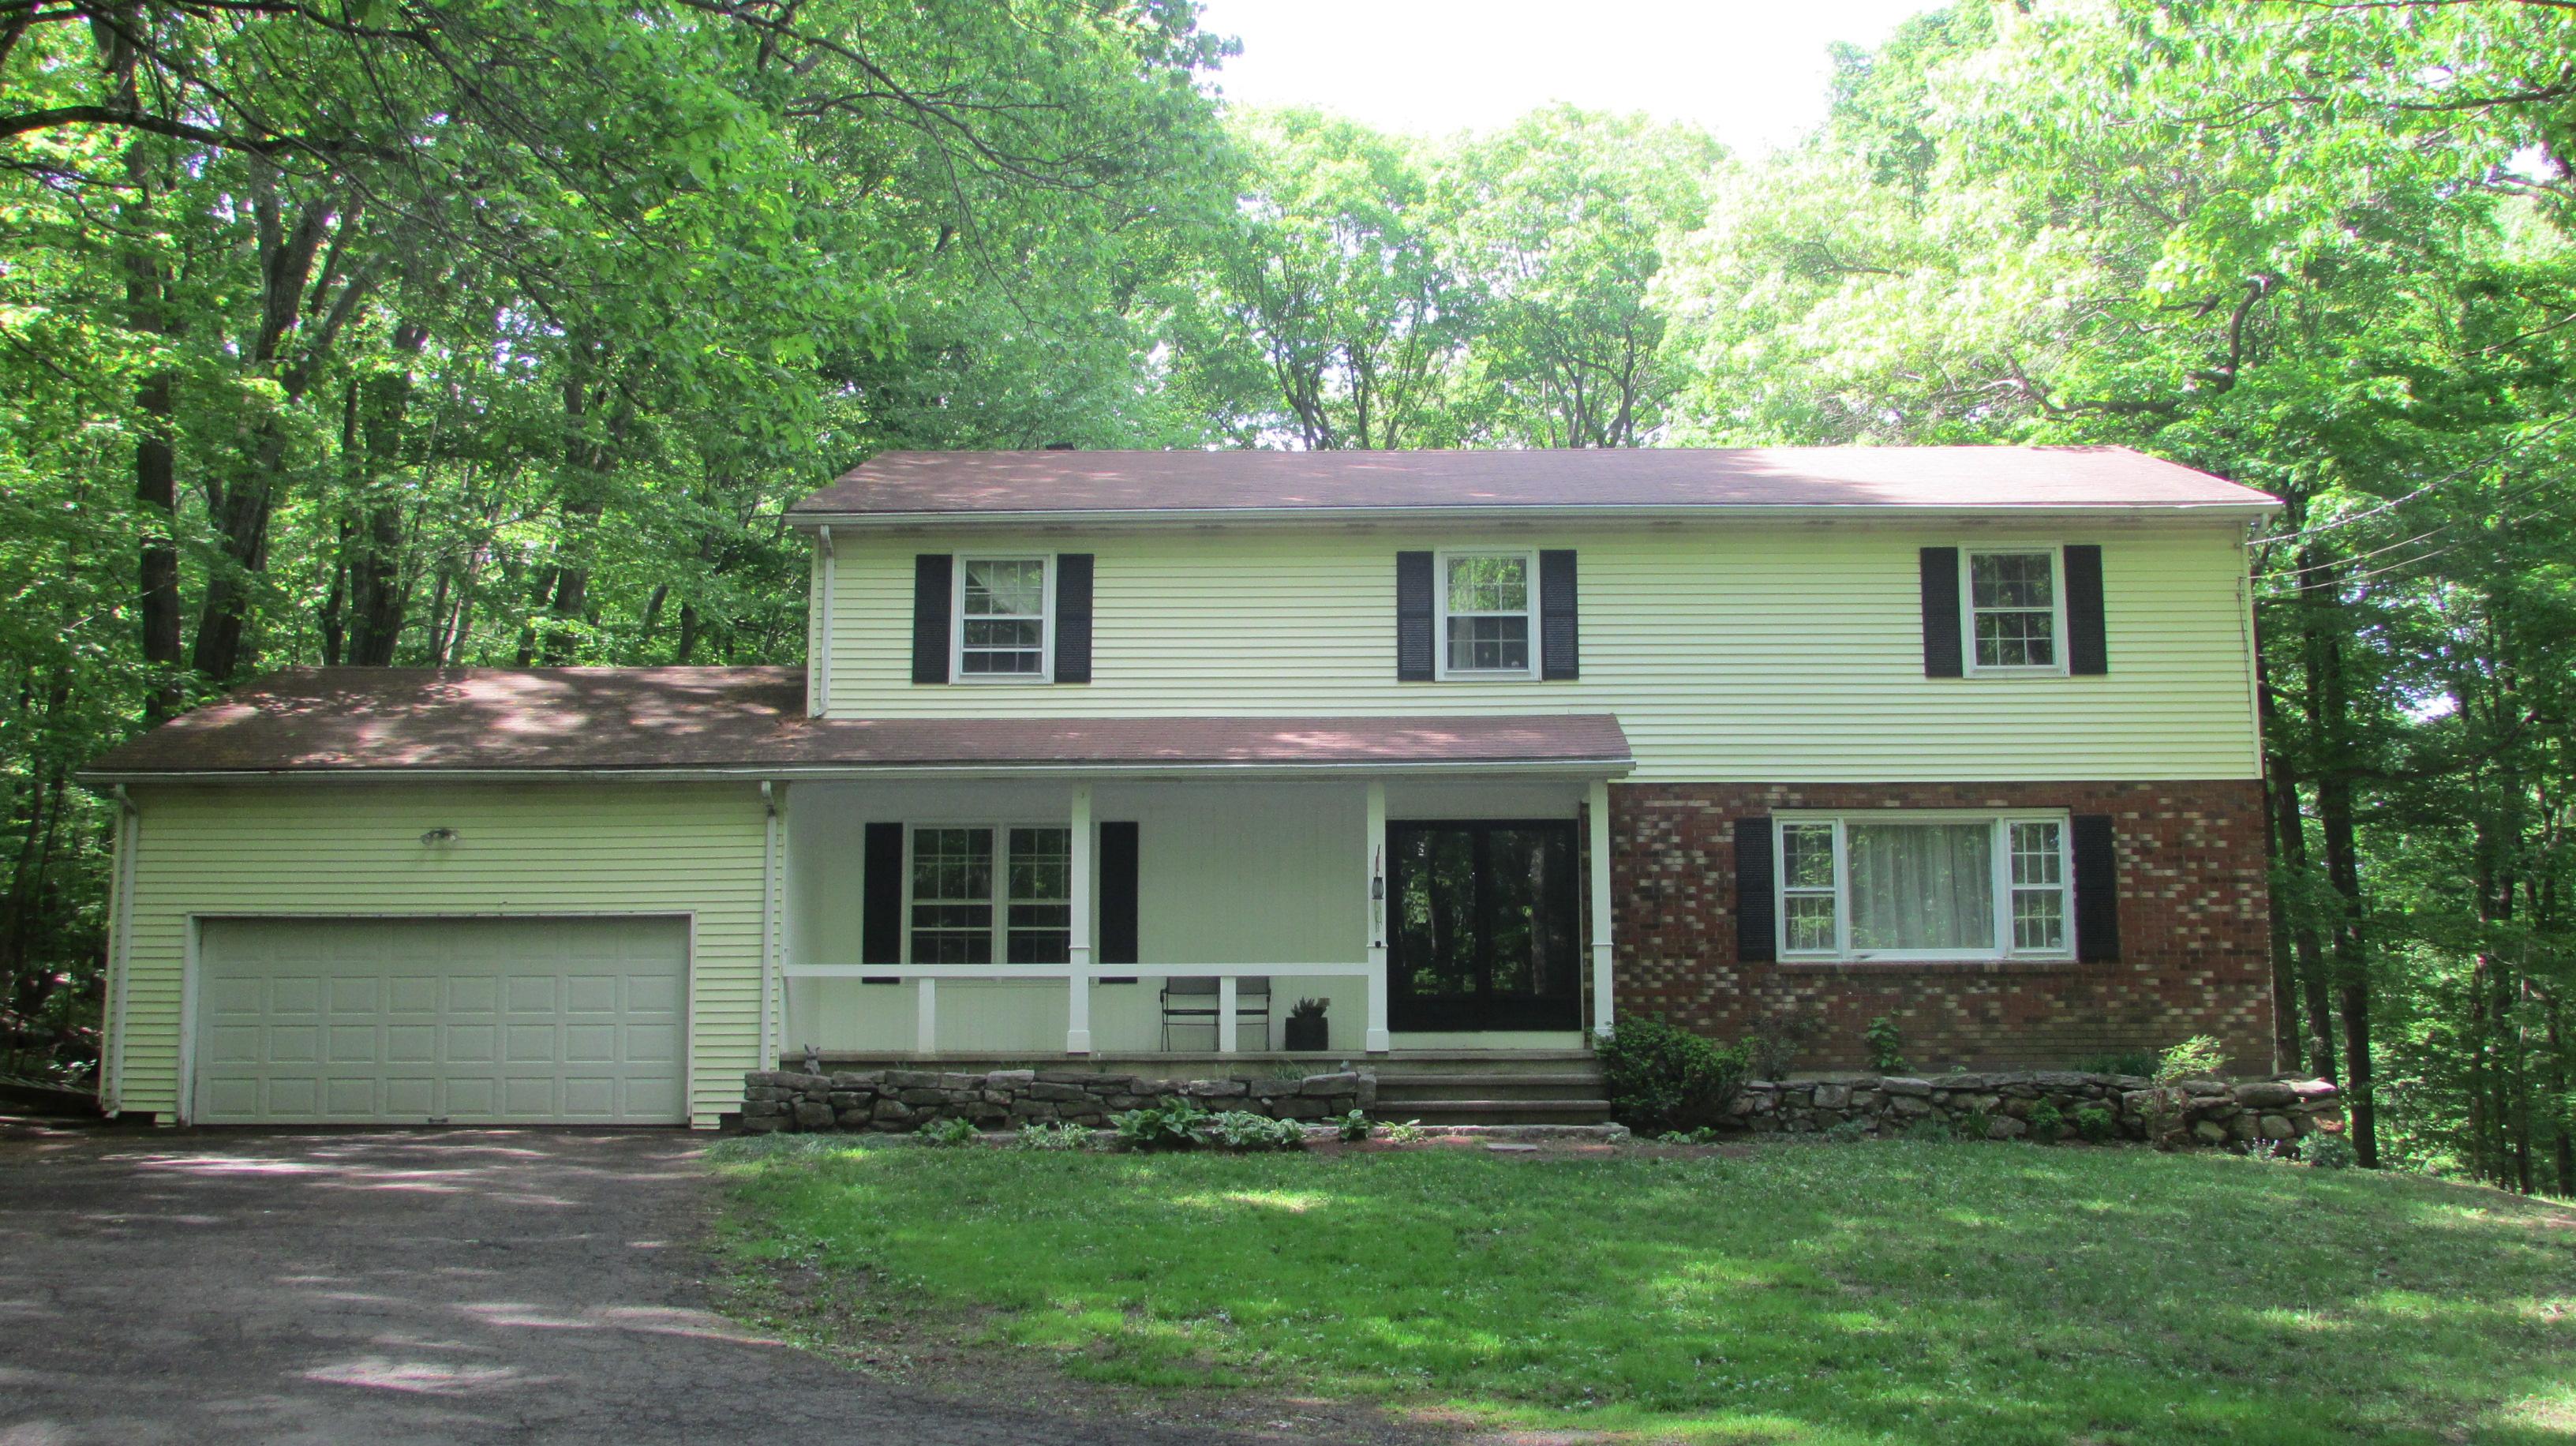 Casa para uma família para Venda às Tranquil Retreat 9 King Street Danbury, Connecticut 06811 Estados Unidos